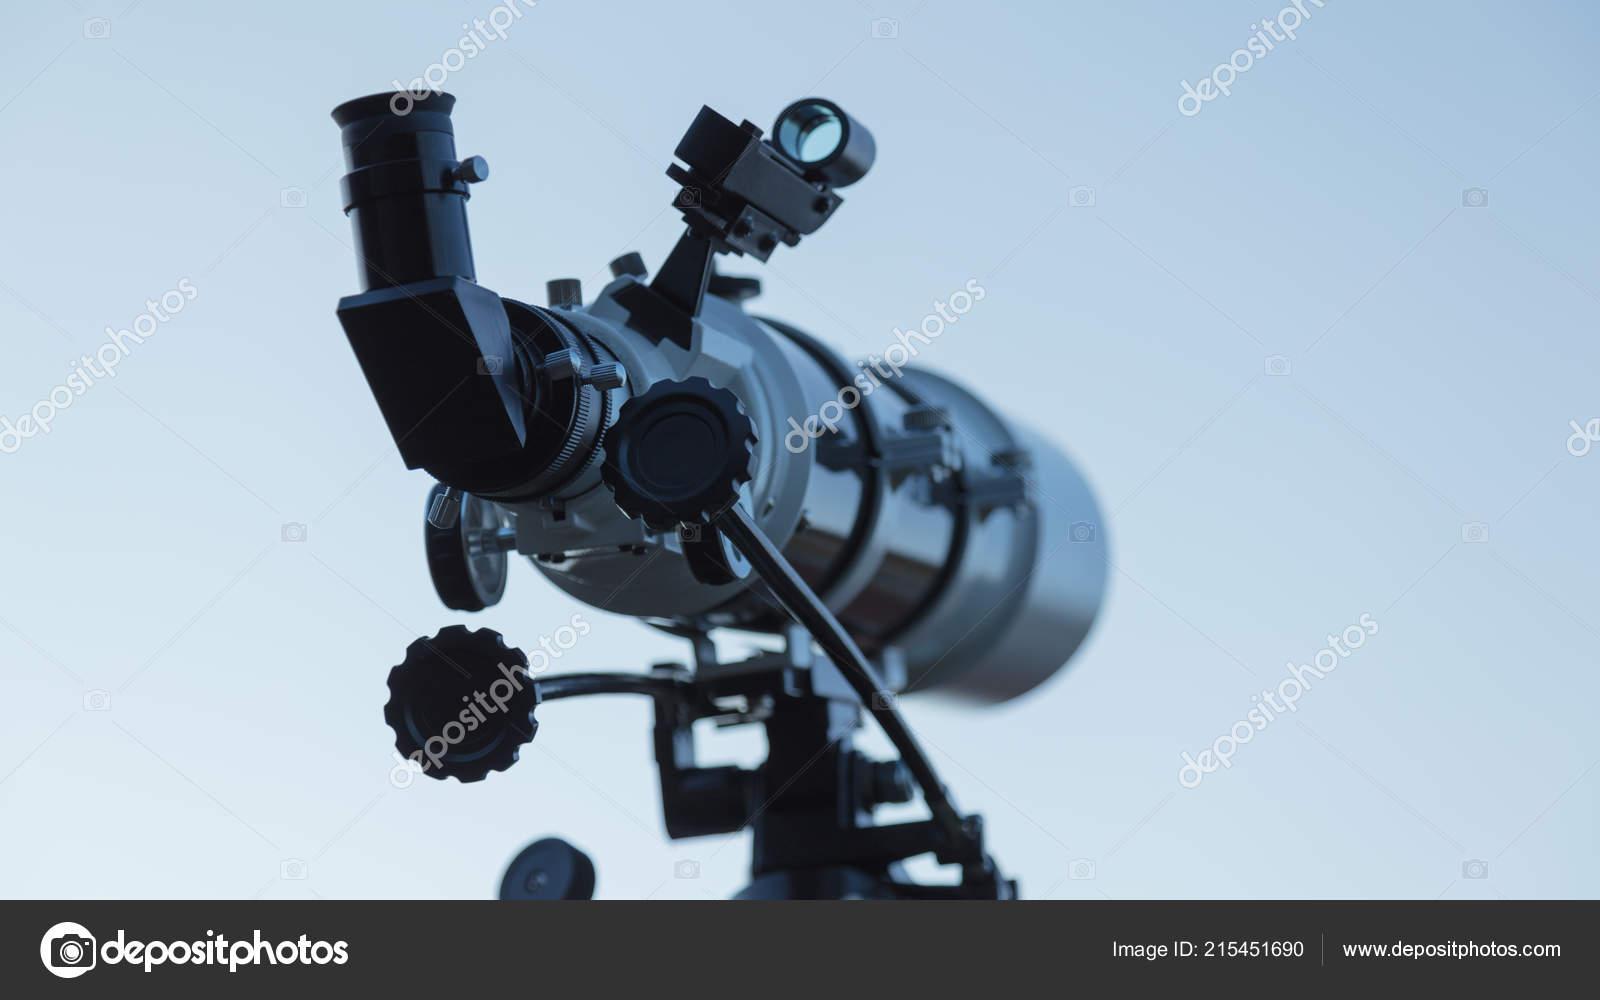 Teleskop für amateur astronomie auf einem stativ u stockfoto